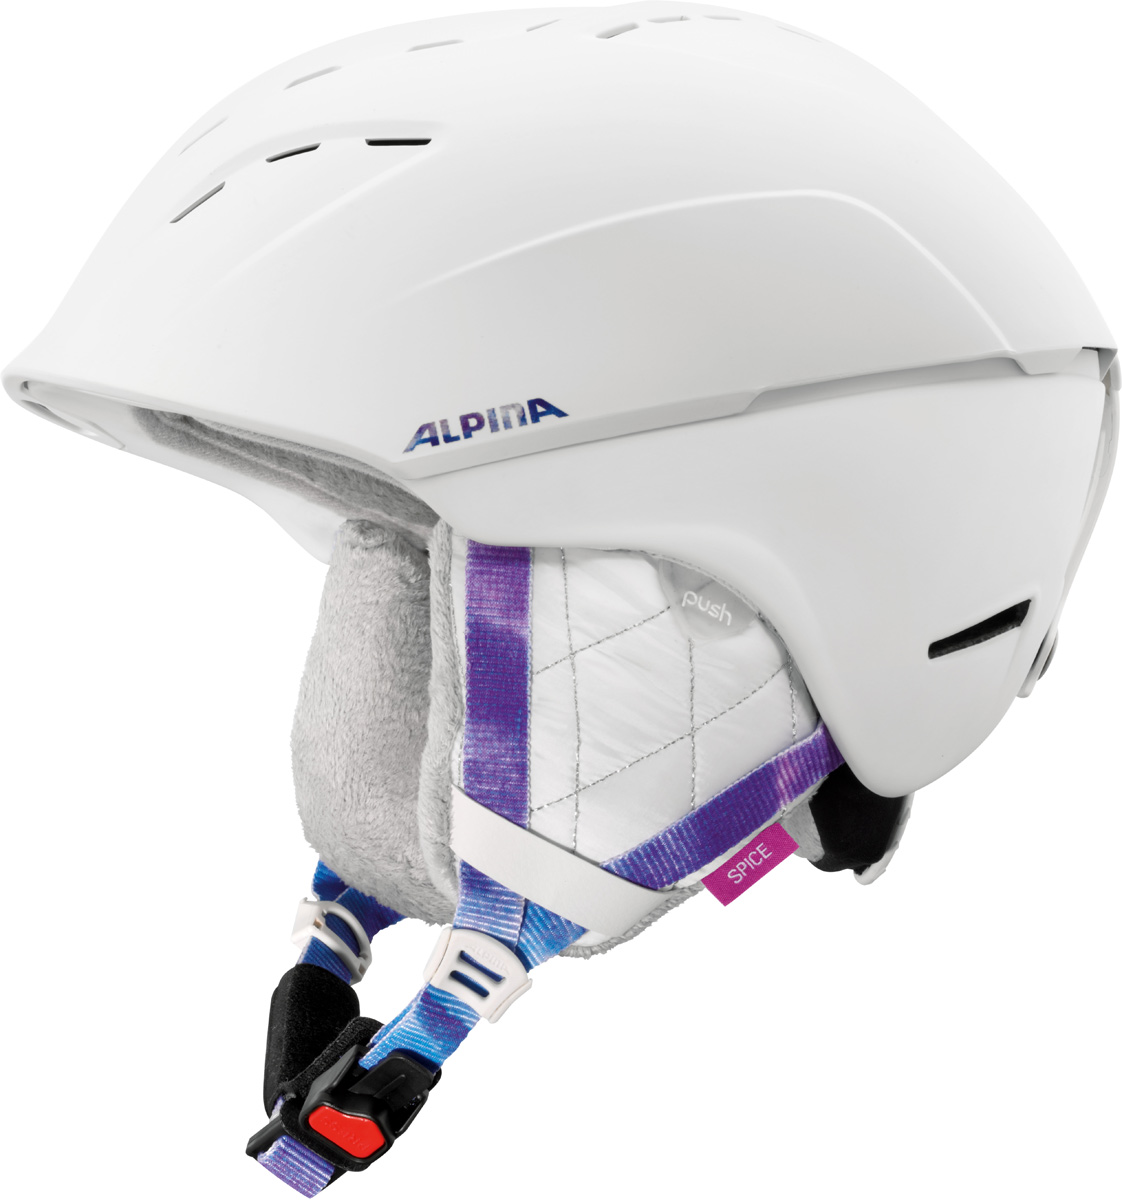 Шлем горнолыжный Alpina Spice, цвет: белый. A9067_14. Размер 52-56 бензопила alpina серия black a 4500 18